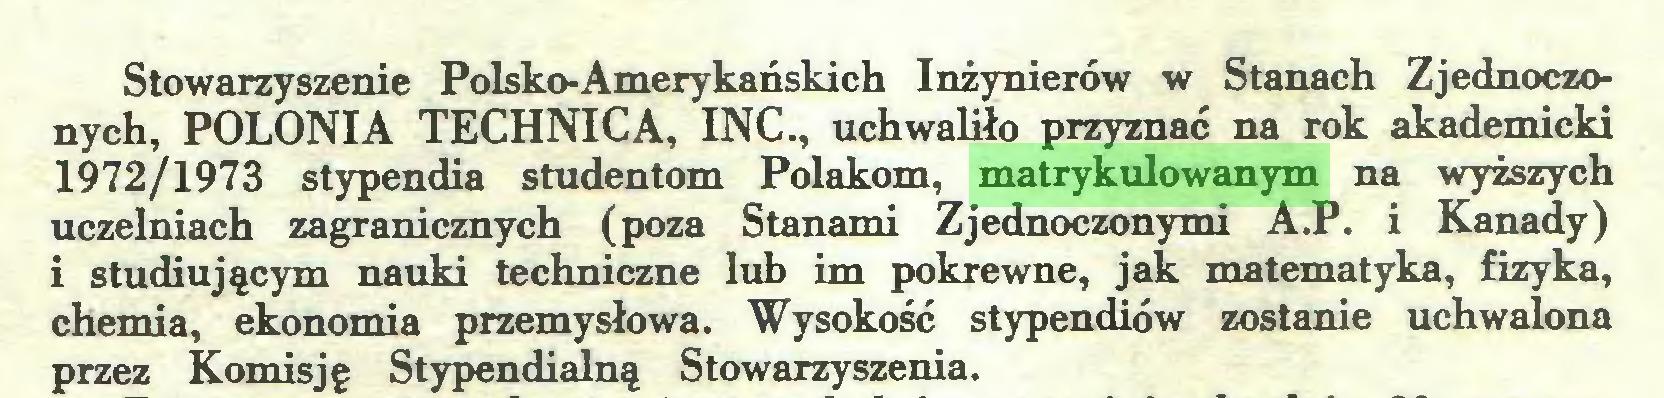 (...) Stowarzyszenie Polsko-Amerykańskich Inżynierów w Stanach Zjednoczonych, POLONIA TECHNICA, INC., uchwaliło przyznać na rok akademicki 1972/1973 stypendia studentom Polakom, matrykulowanym na wyższych uczelniach zagranicznych (poza Stanami Zjednoczonymi A.P. i Kanady) i studiującym nauki techniczne lub im pokrewne, jak matematyka, fizyka, chemia, ekonomia przemysłowa. Wysokość stypendiów zostanie uchwalona przez Komisję Stypendialną Stowarzyszenia...